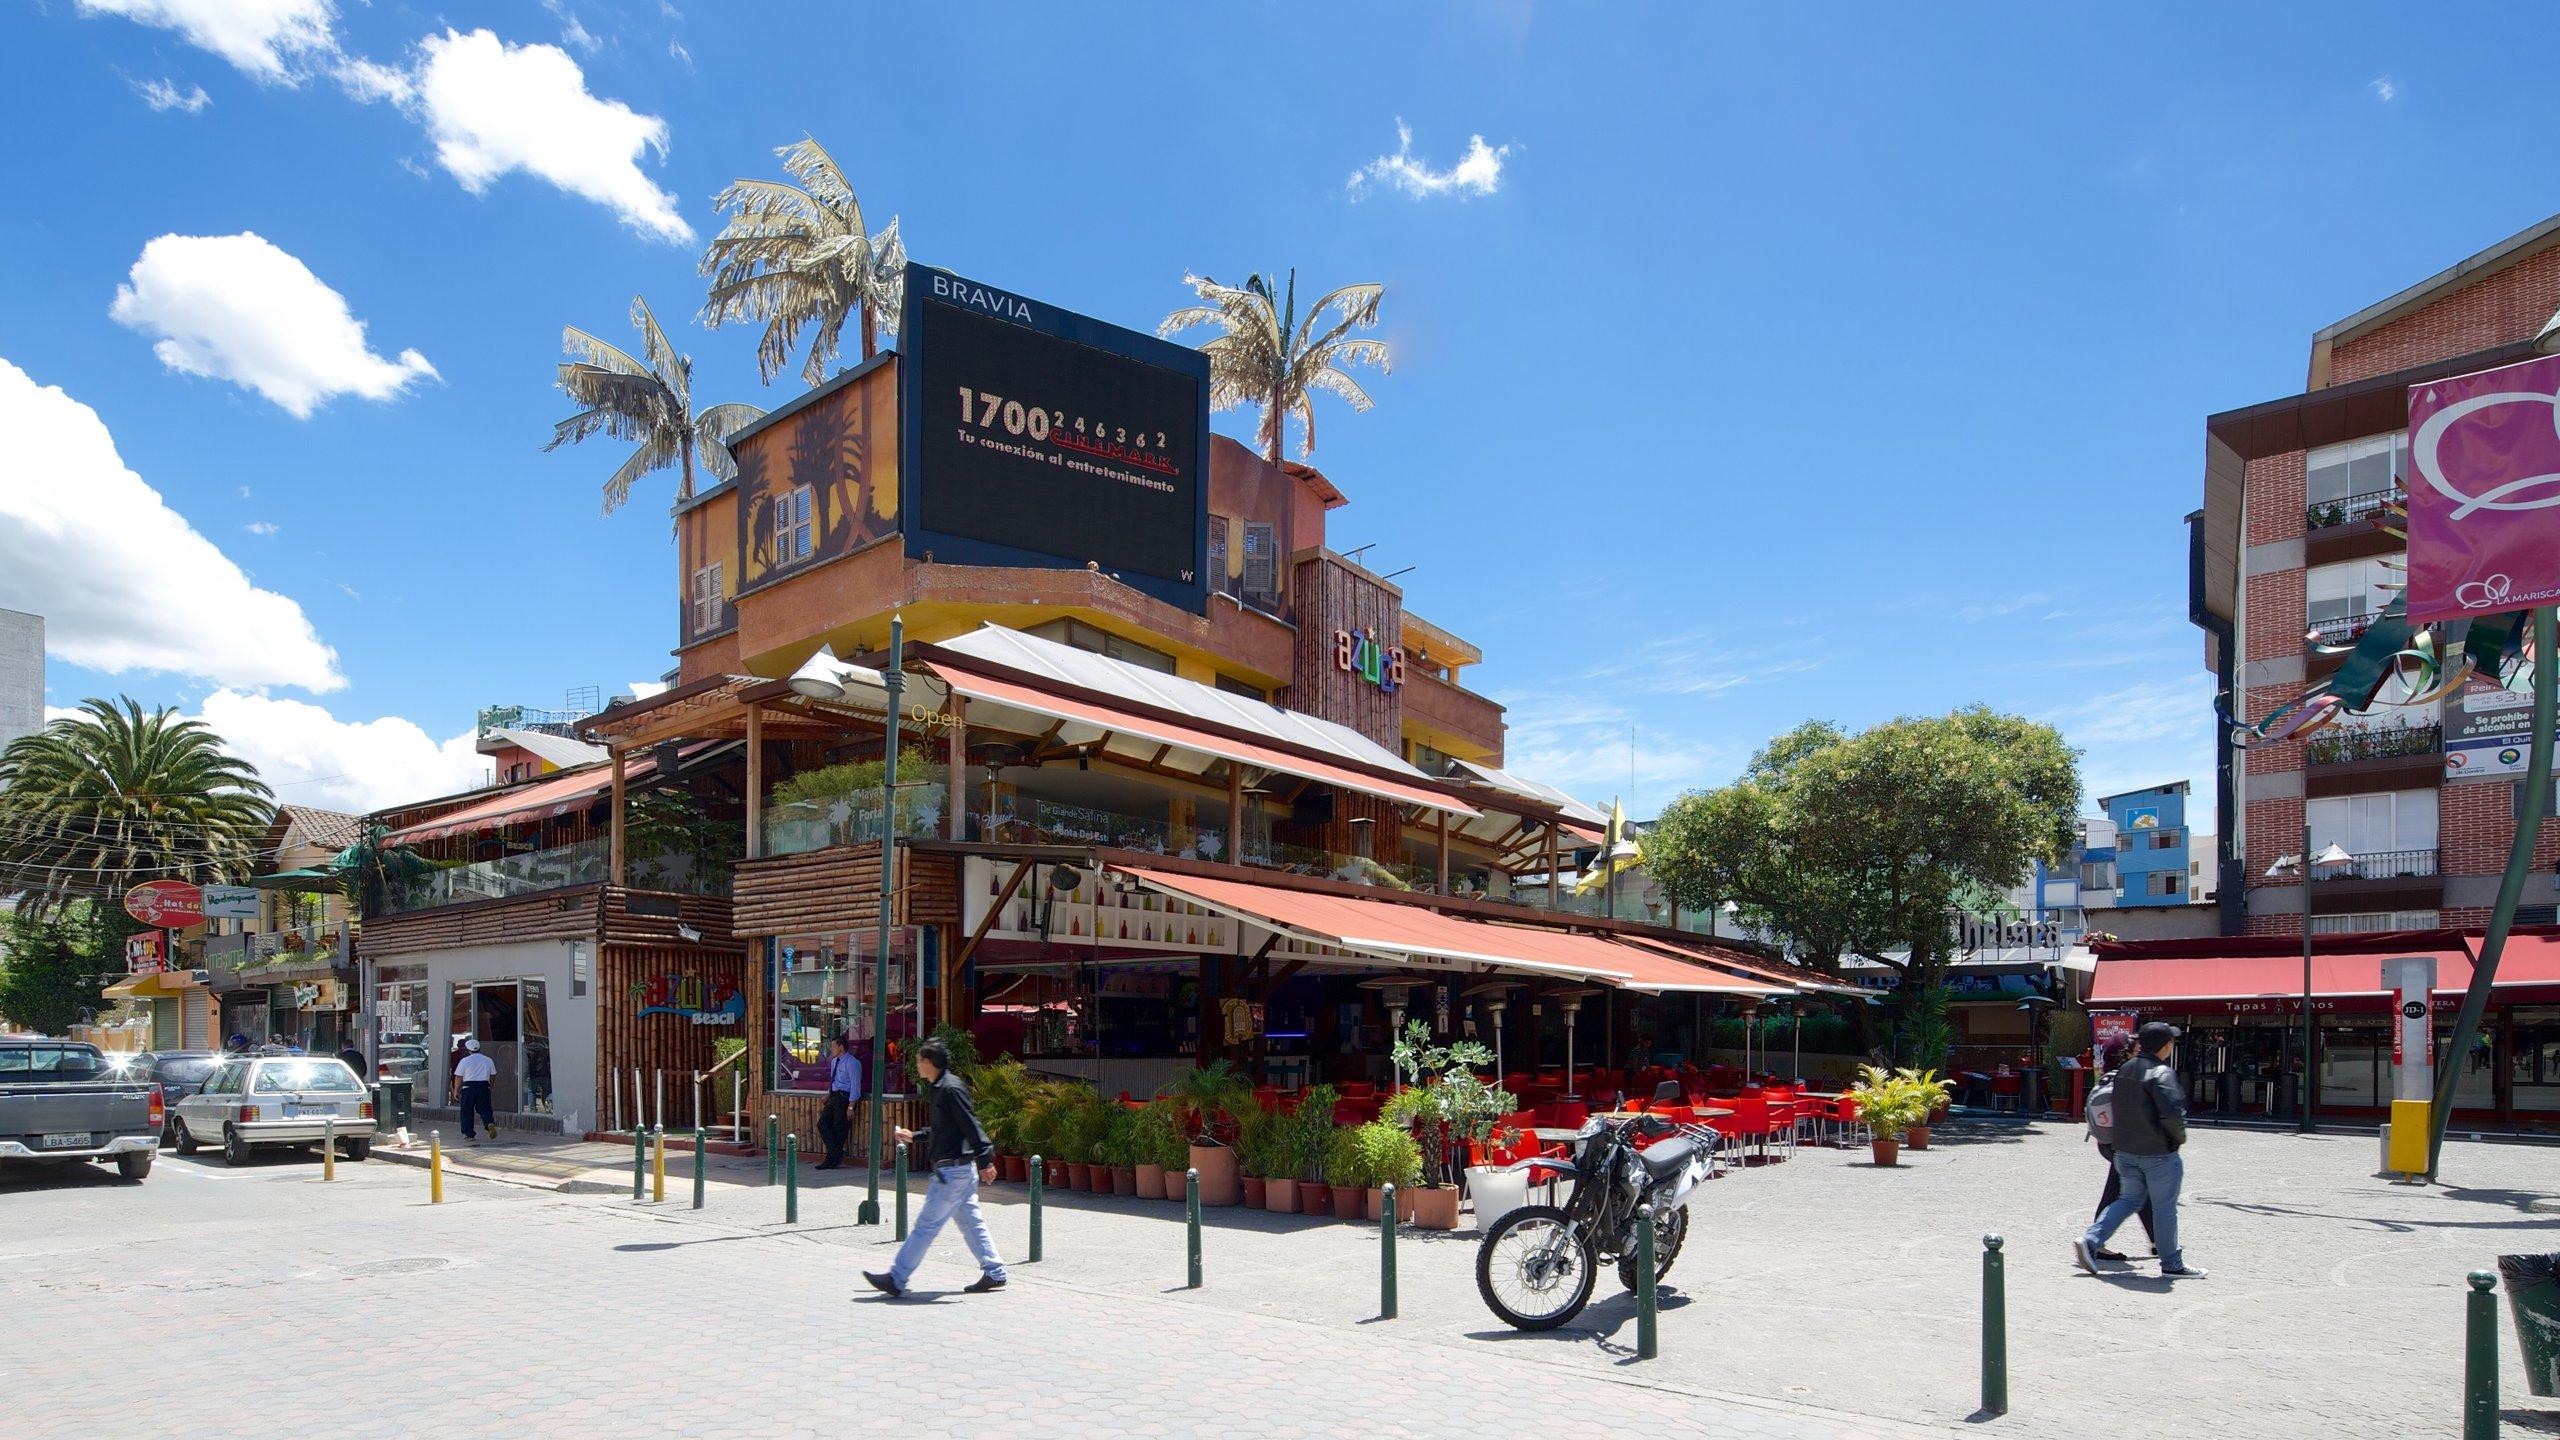 Foch Square, Quito, Pichincha, Ecuador